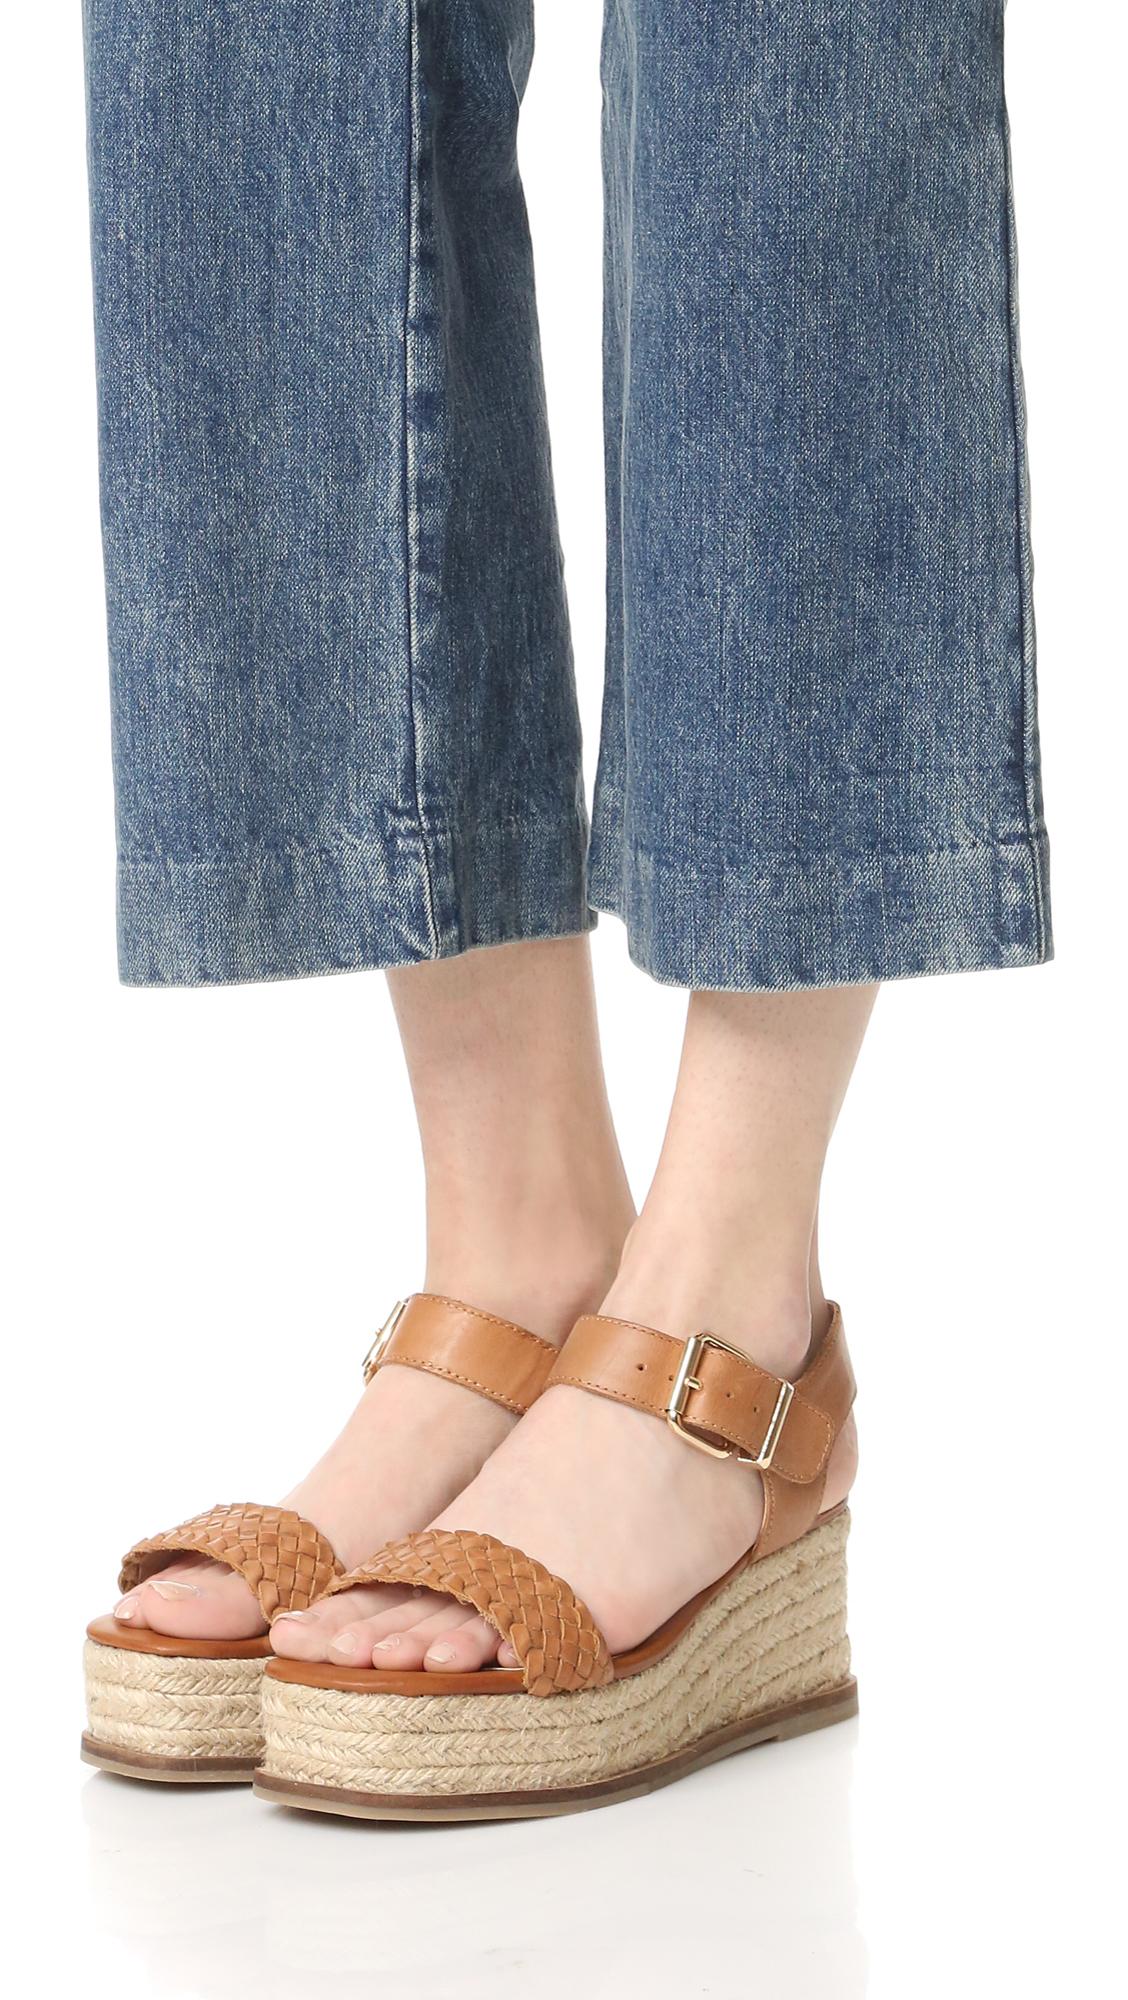 e83c62c9dff Steven Sabble Flatform Sandals